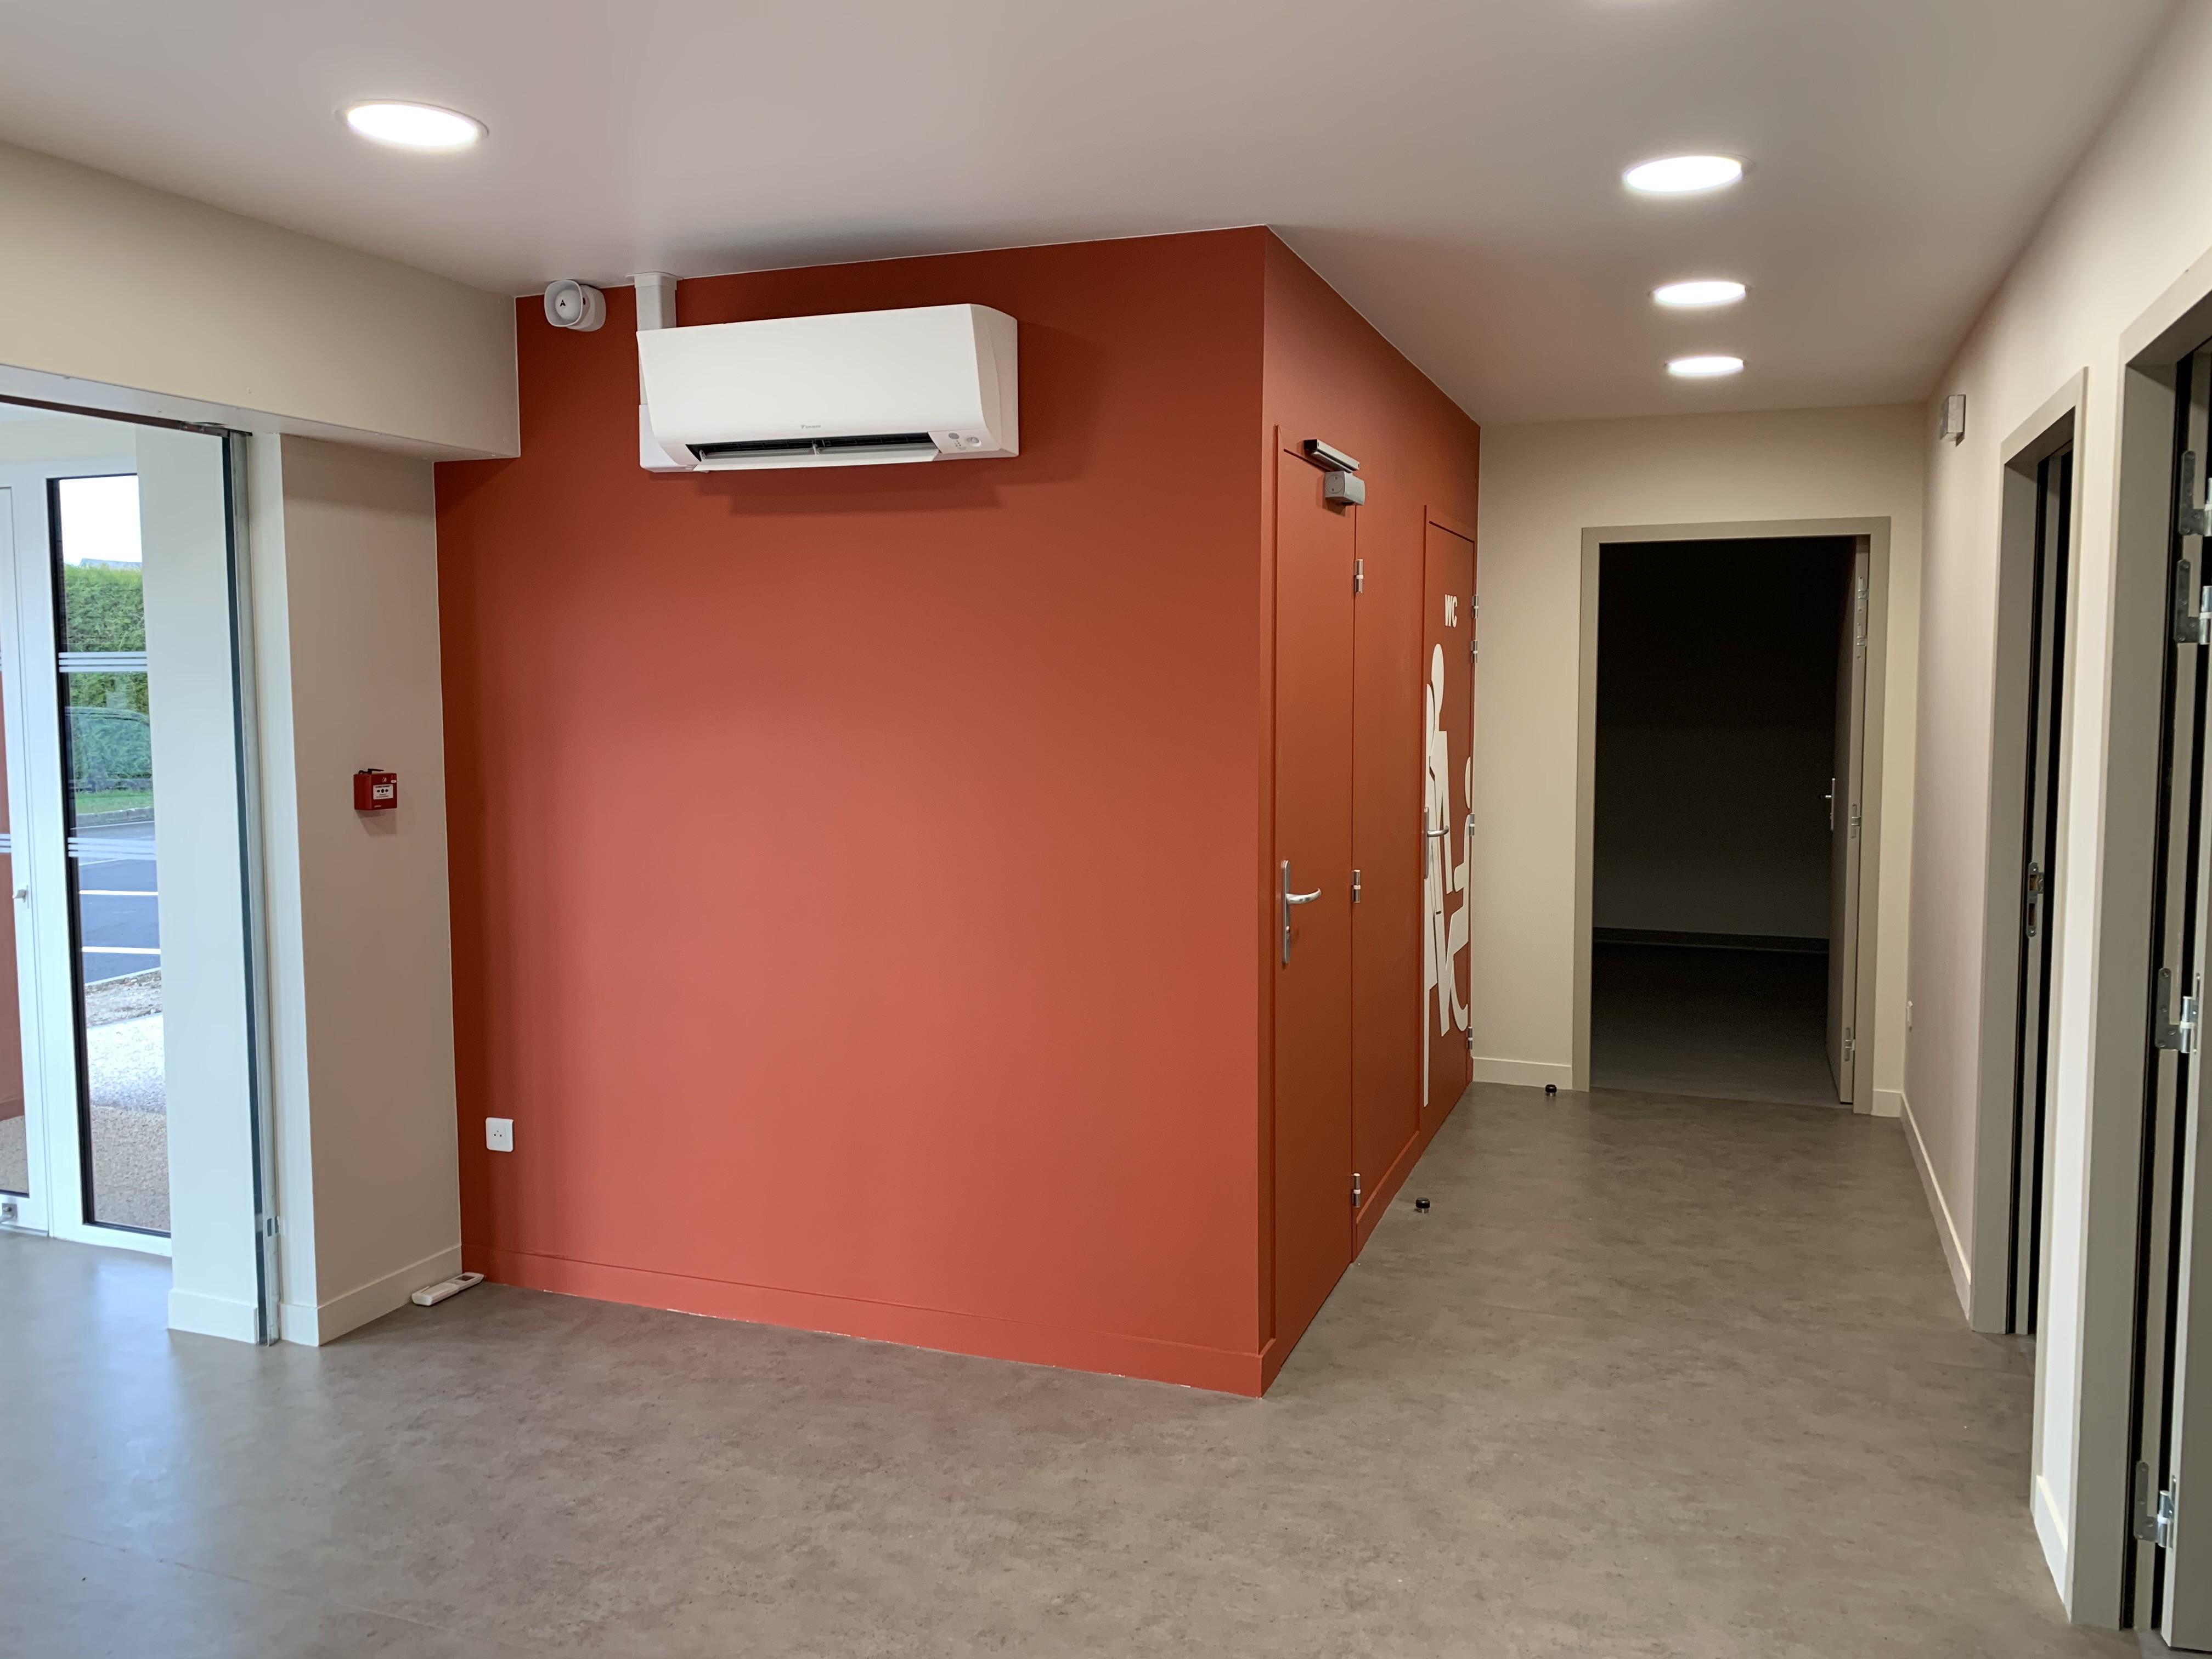 Aménagement d'une maison de santé